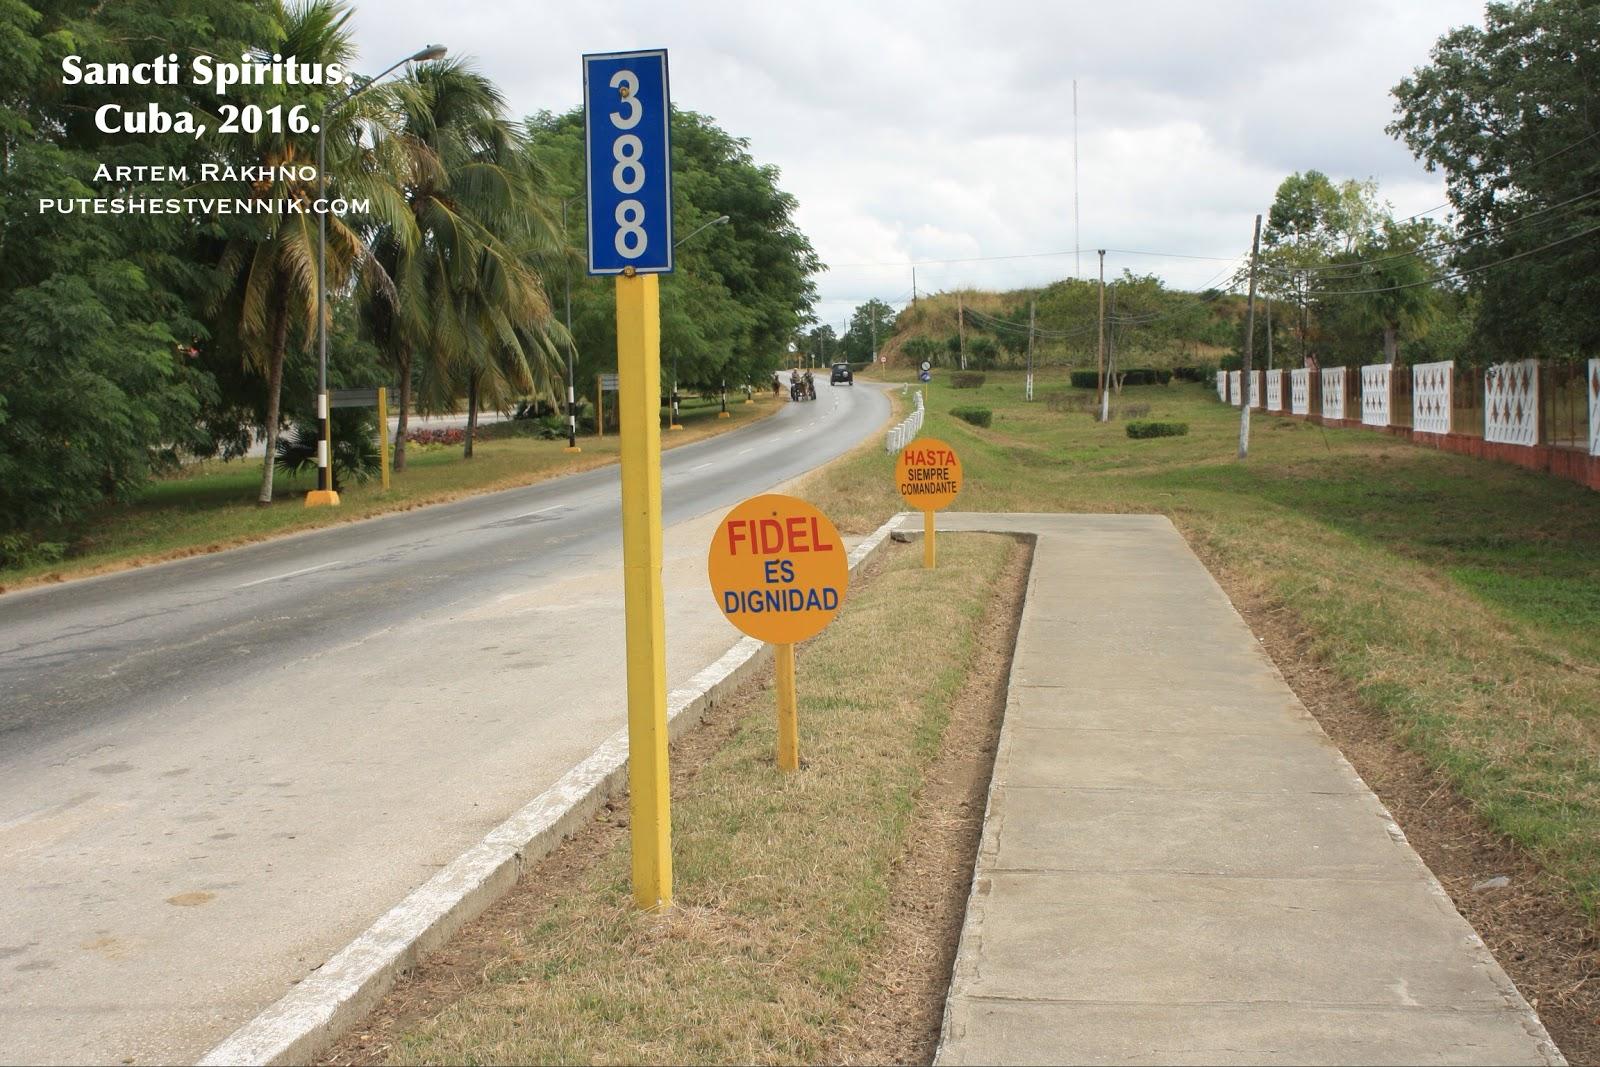 Асфальтовая трасса на Кубе и дорожные знаки